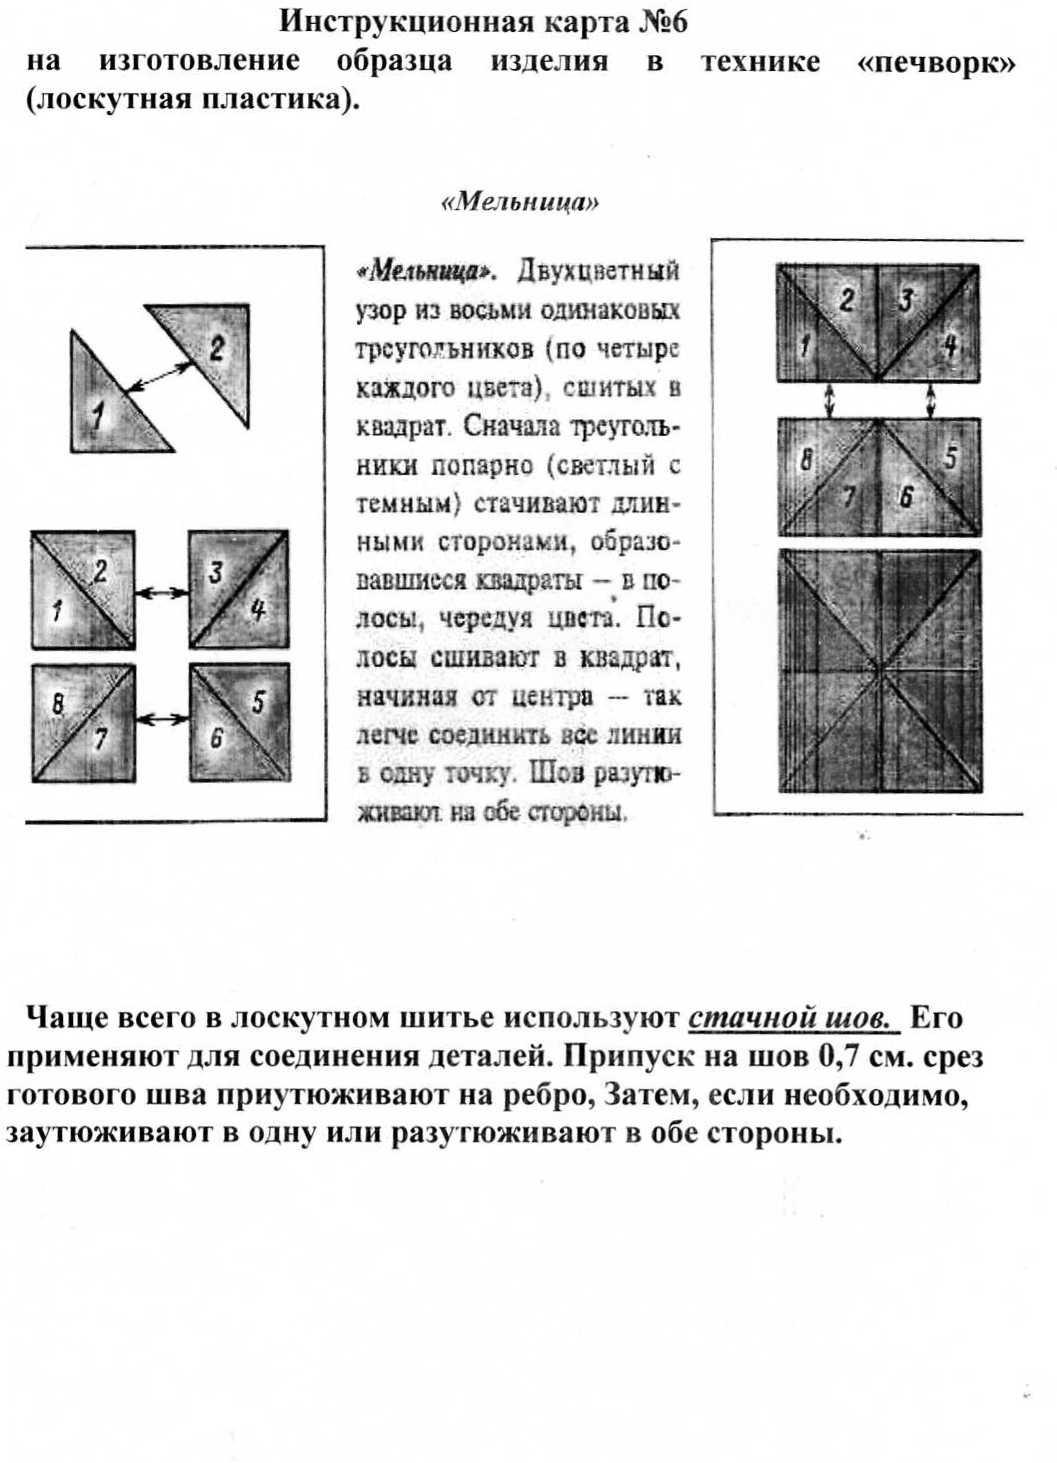 F:\швейный цех\Приложение к уроку\img021.jpg